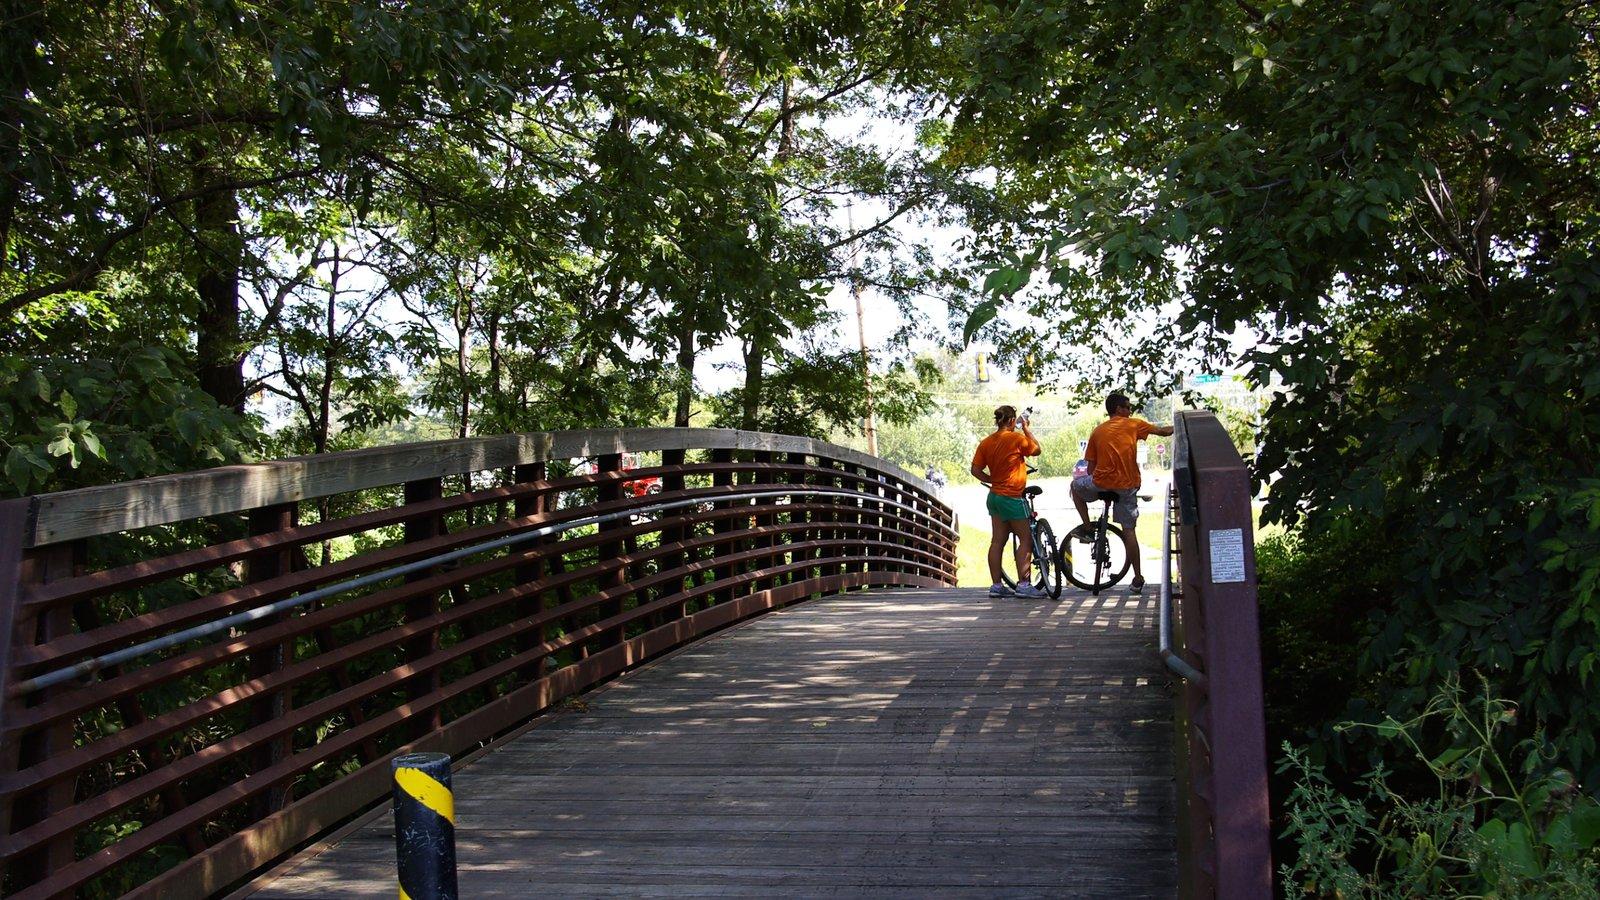 Council Bluffs ofreciendo un jardín y un puente y también un pequeño grupo de personas